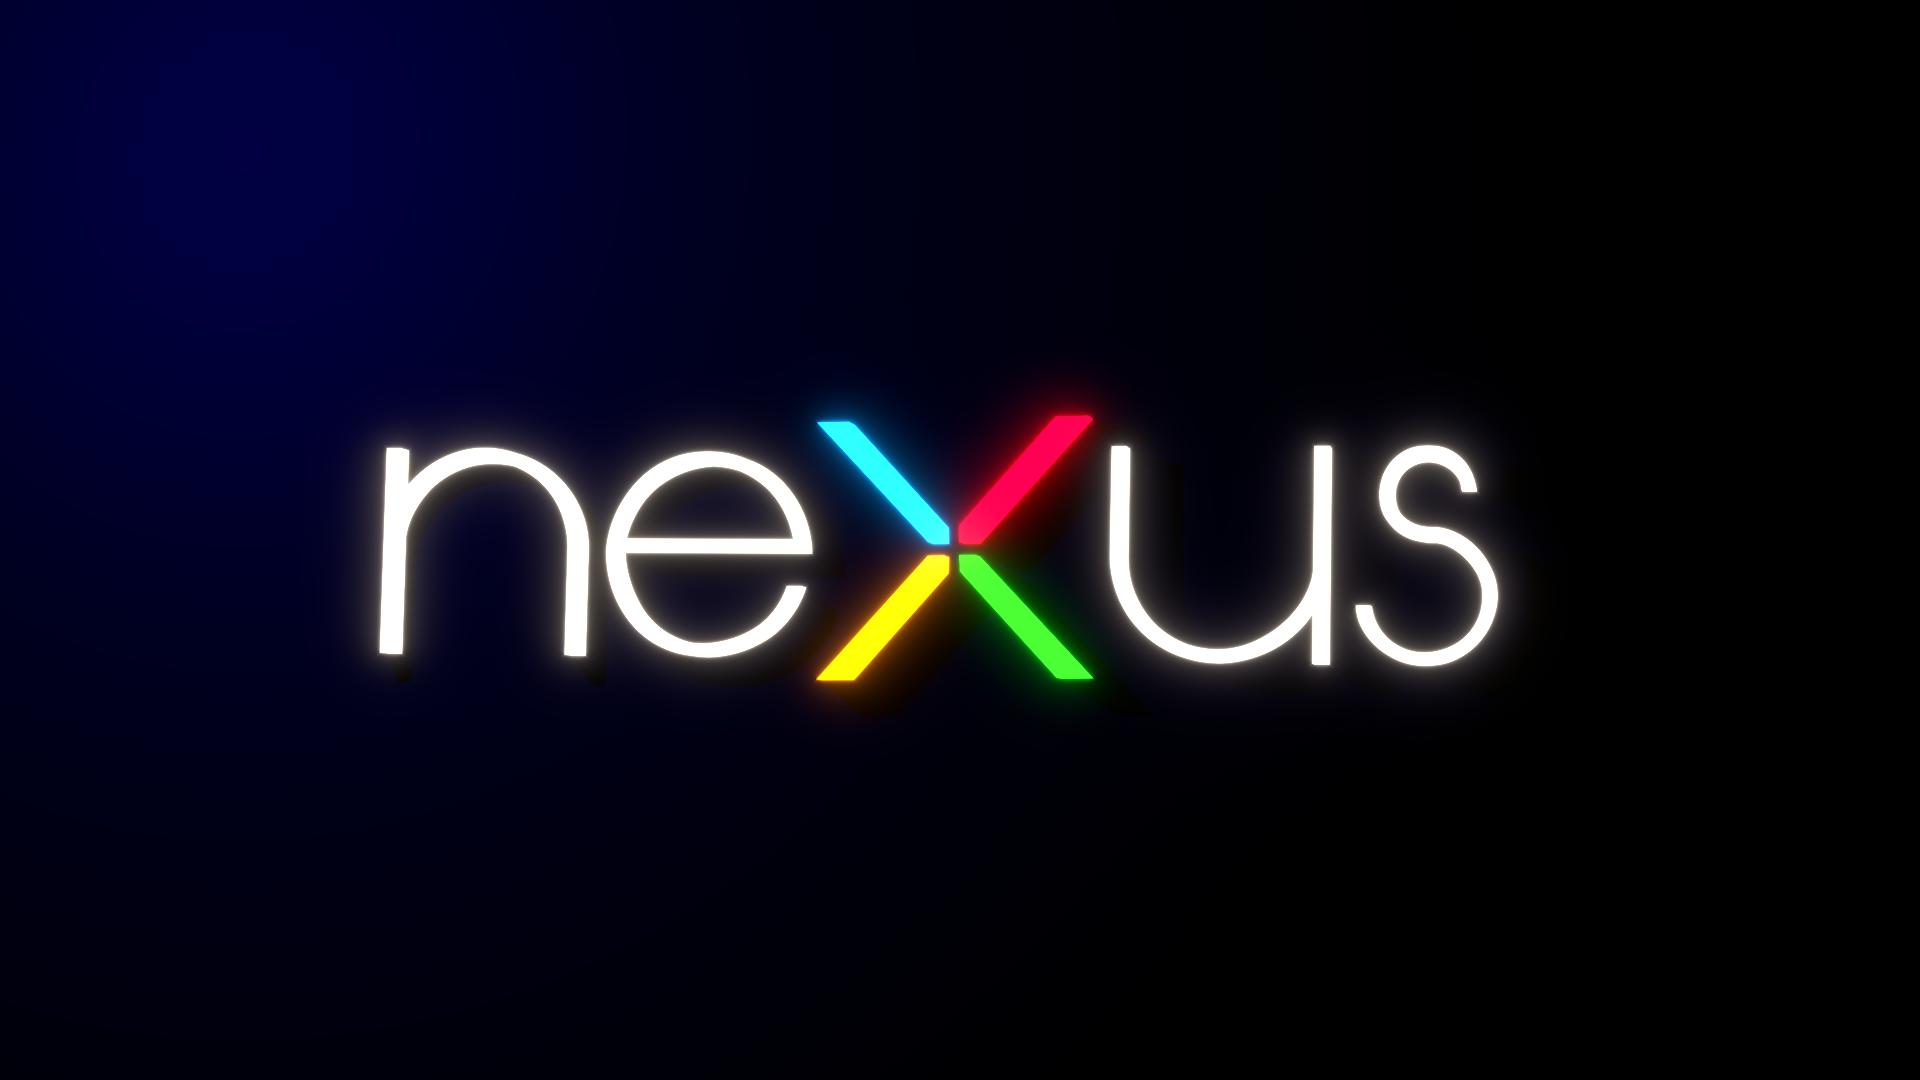 NEXUS cihazlara factory image yazılması qaydası!